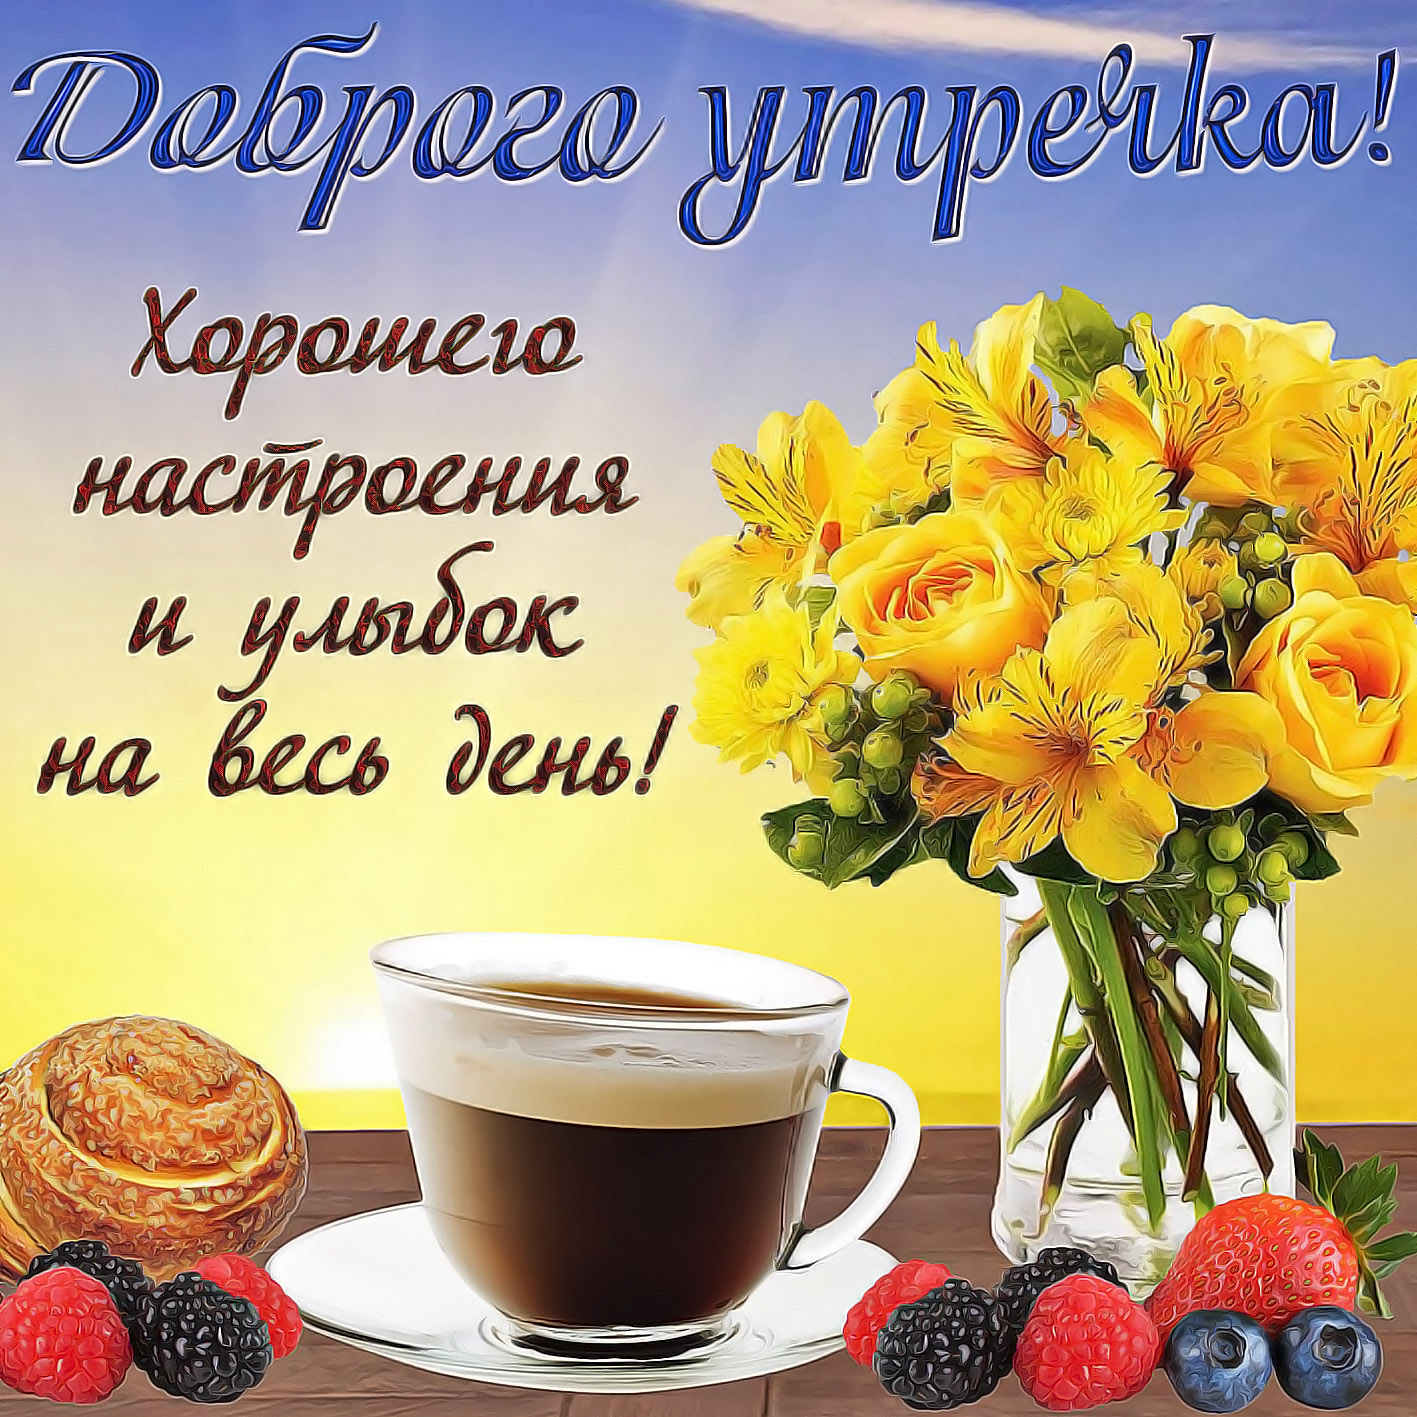 Всем доброго утра и удачного дня картинки прикольные